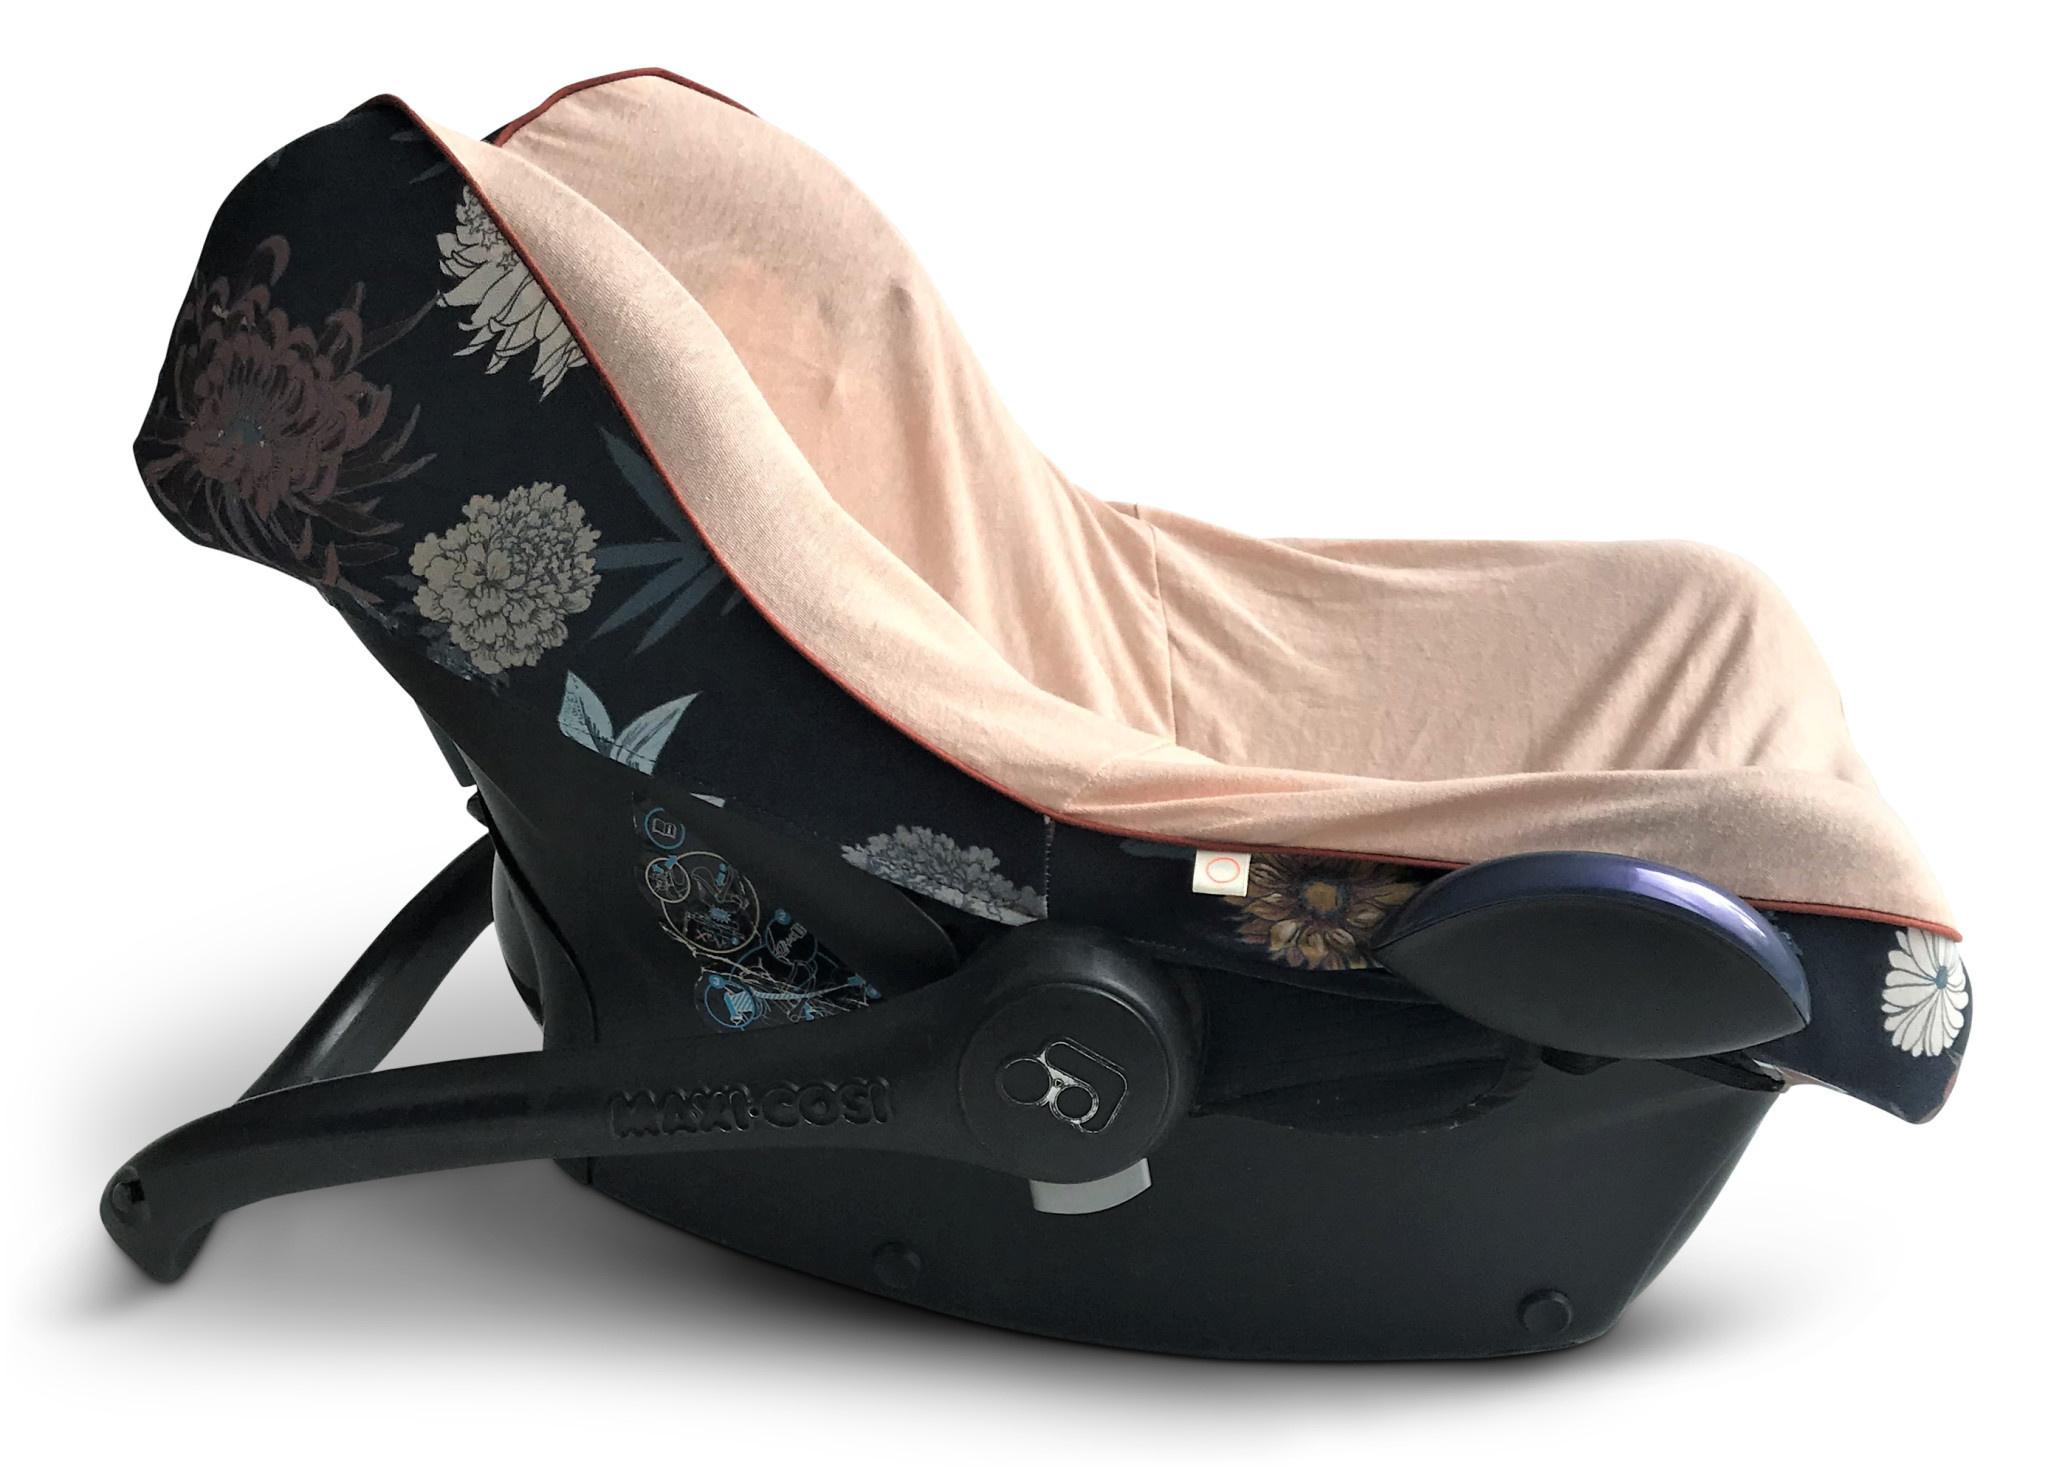 Hoes autostoel maxi cosi poppy-1